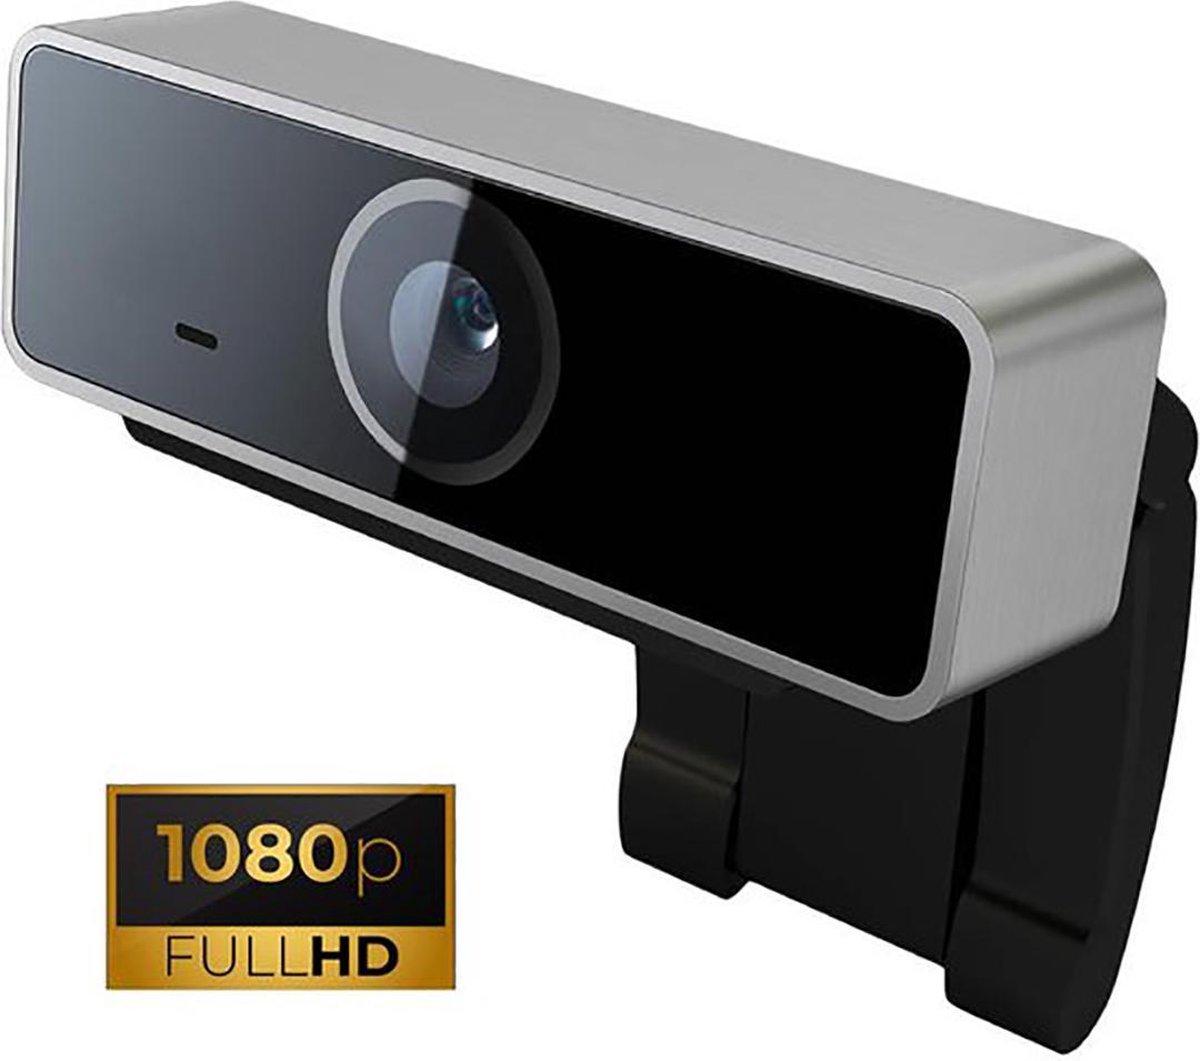 Creactive® Webcam met Ingebouwde Microfoon en Standaard, Full HD 1080p Camera - Voor PC, Desktop, Laptop, TV, Bellen, Gamen, Skypen, Streamen, Zoom, Youtube, Facetime, Computer - Met USB Plug en Play